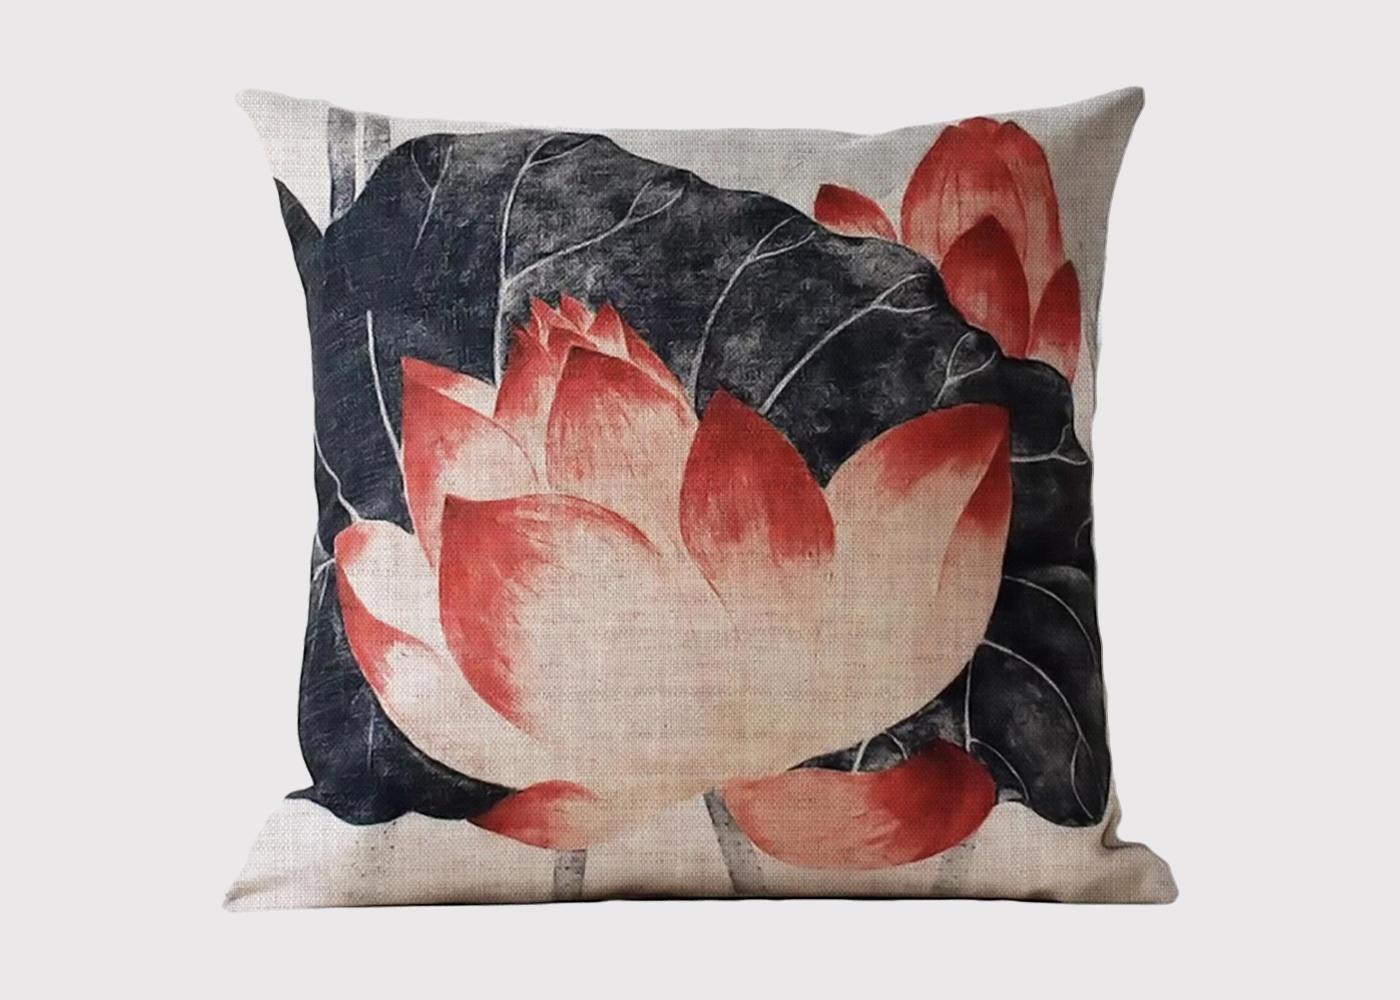 Chinese Lotus Flower Cushion Jasper Tallow Furniture